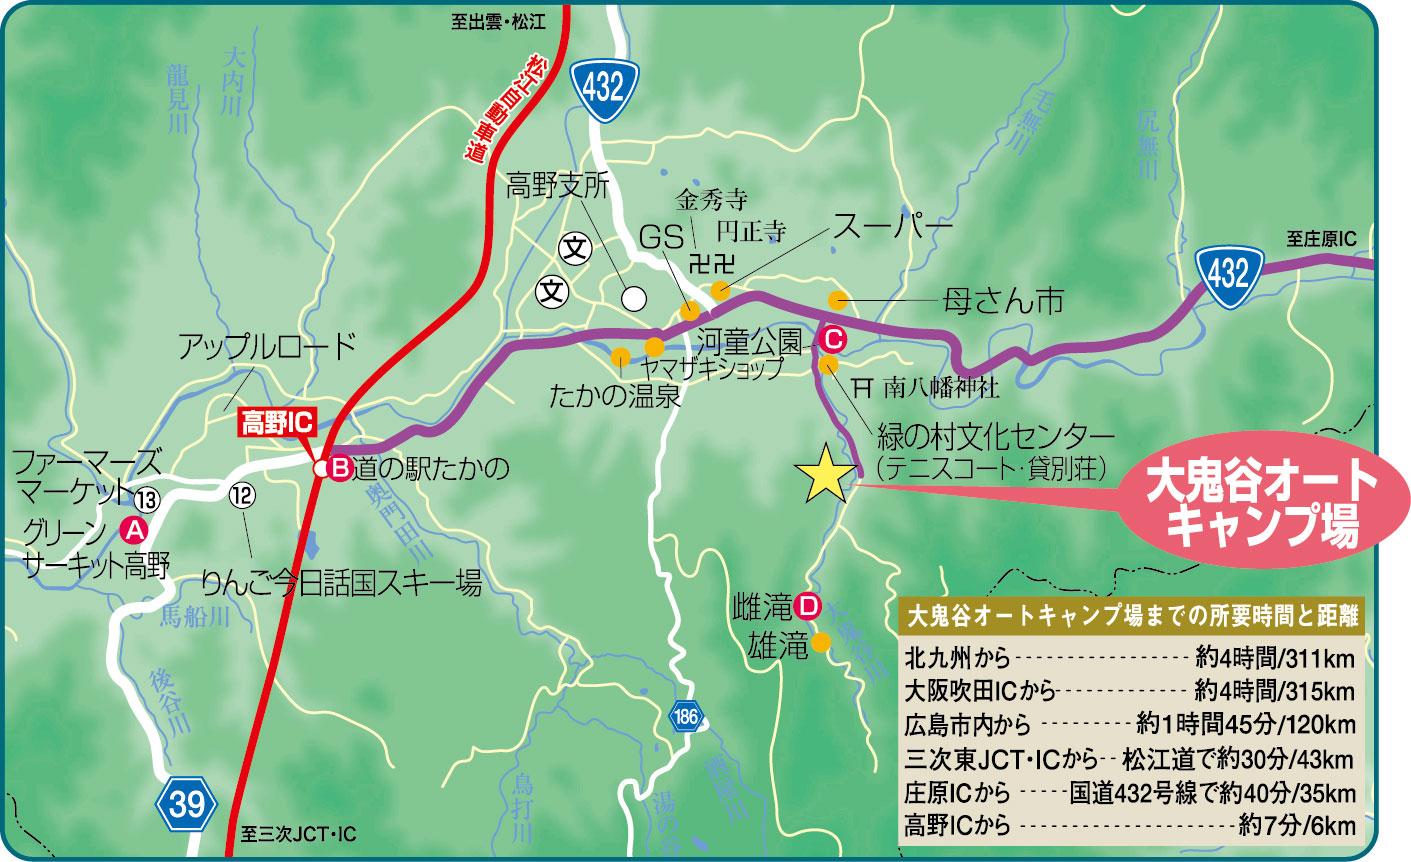 大鬼谷キャンプ場パンフ2014OL-03